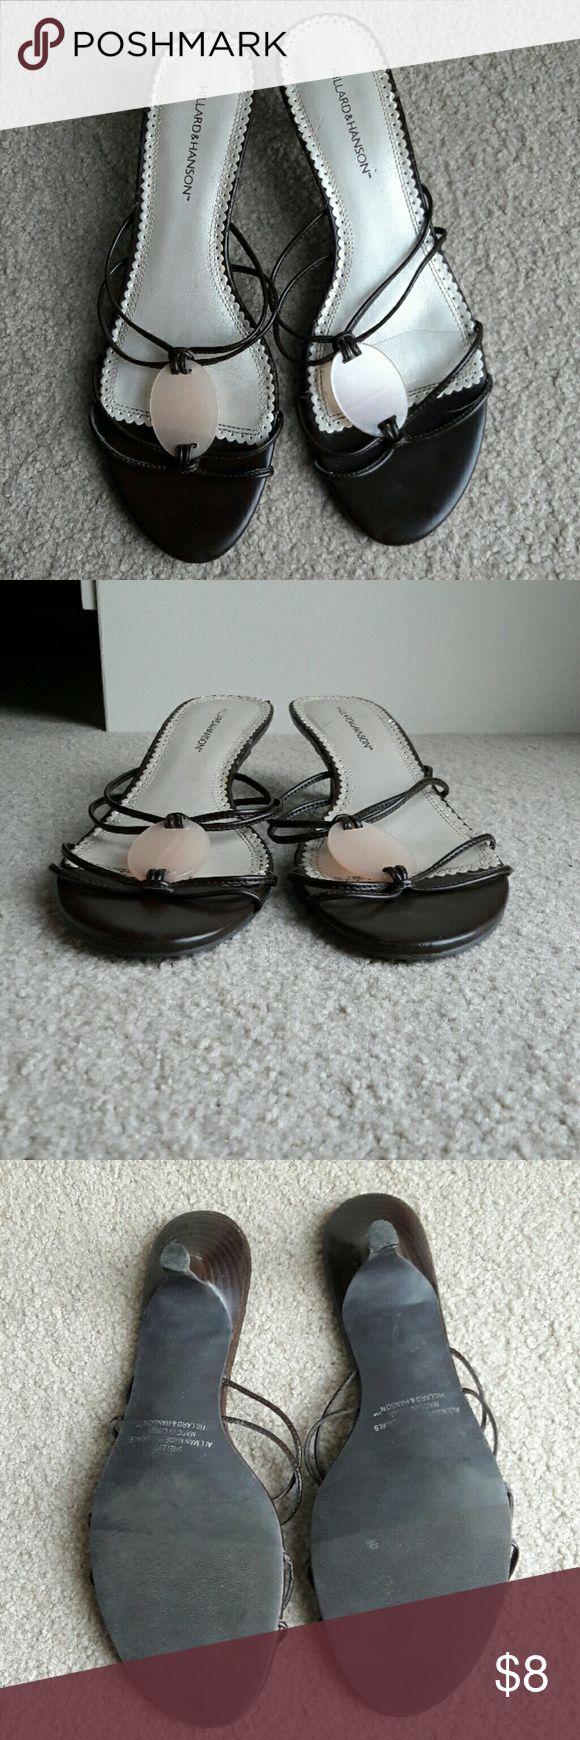 Hillard & Hanson strappy heels Brown strappy heels Hillard & Hanson Shoes